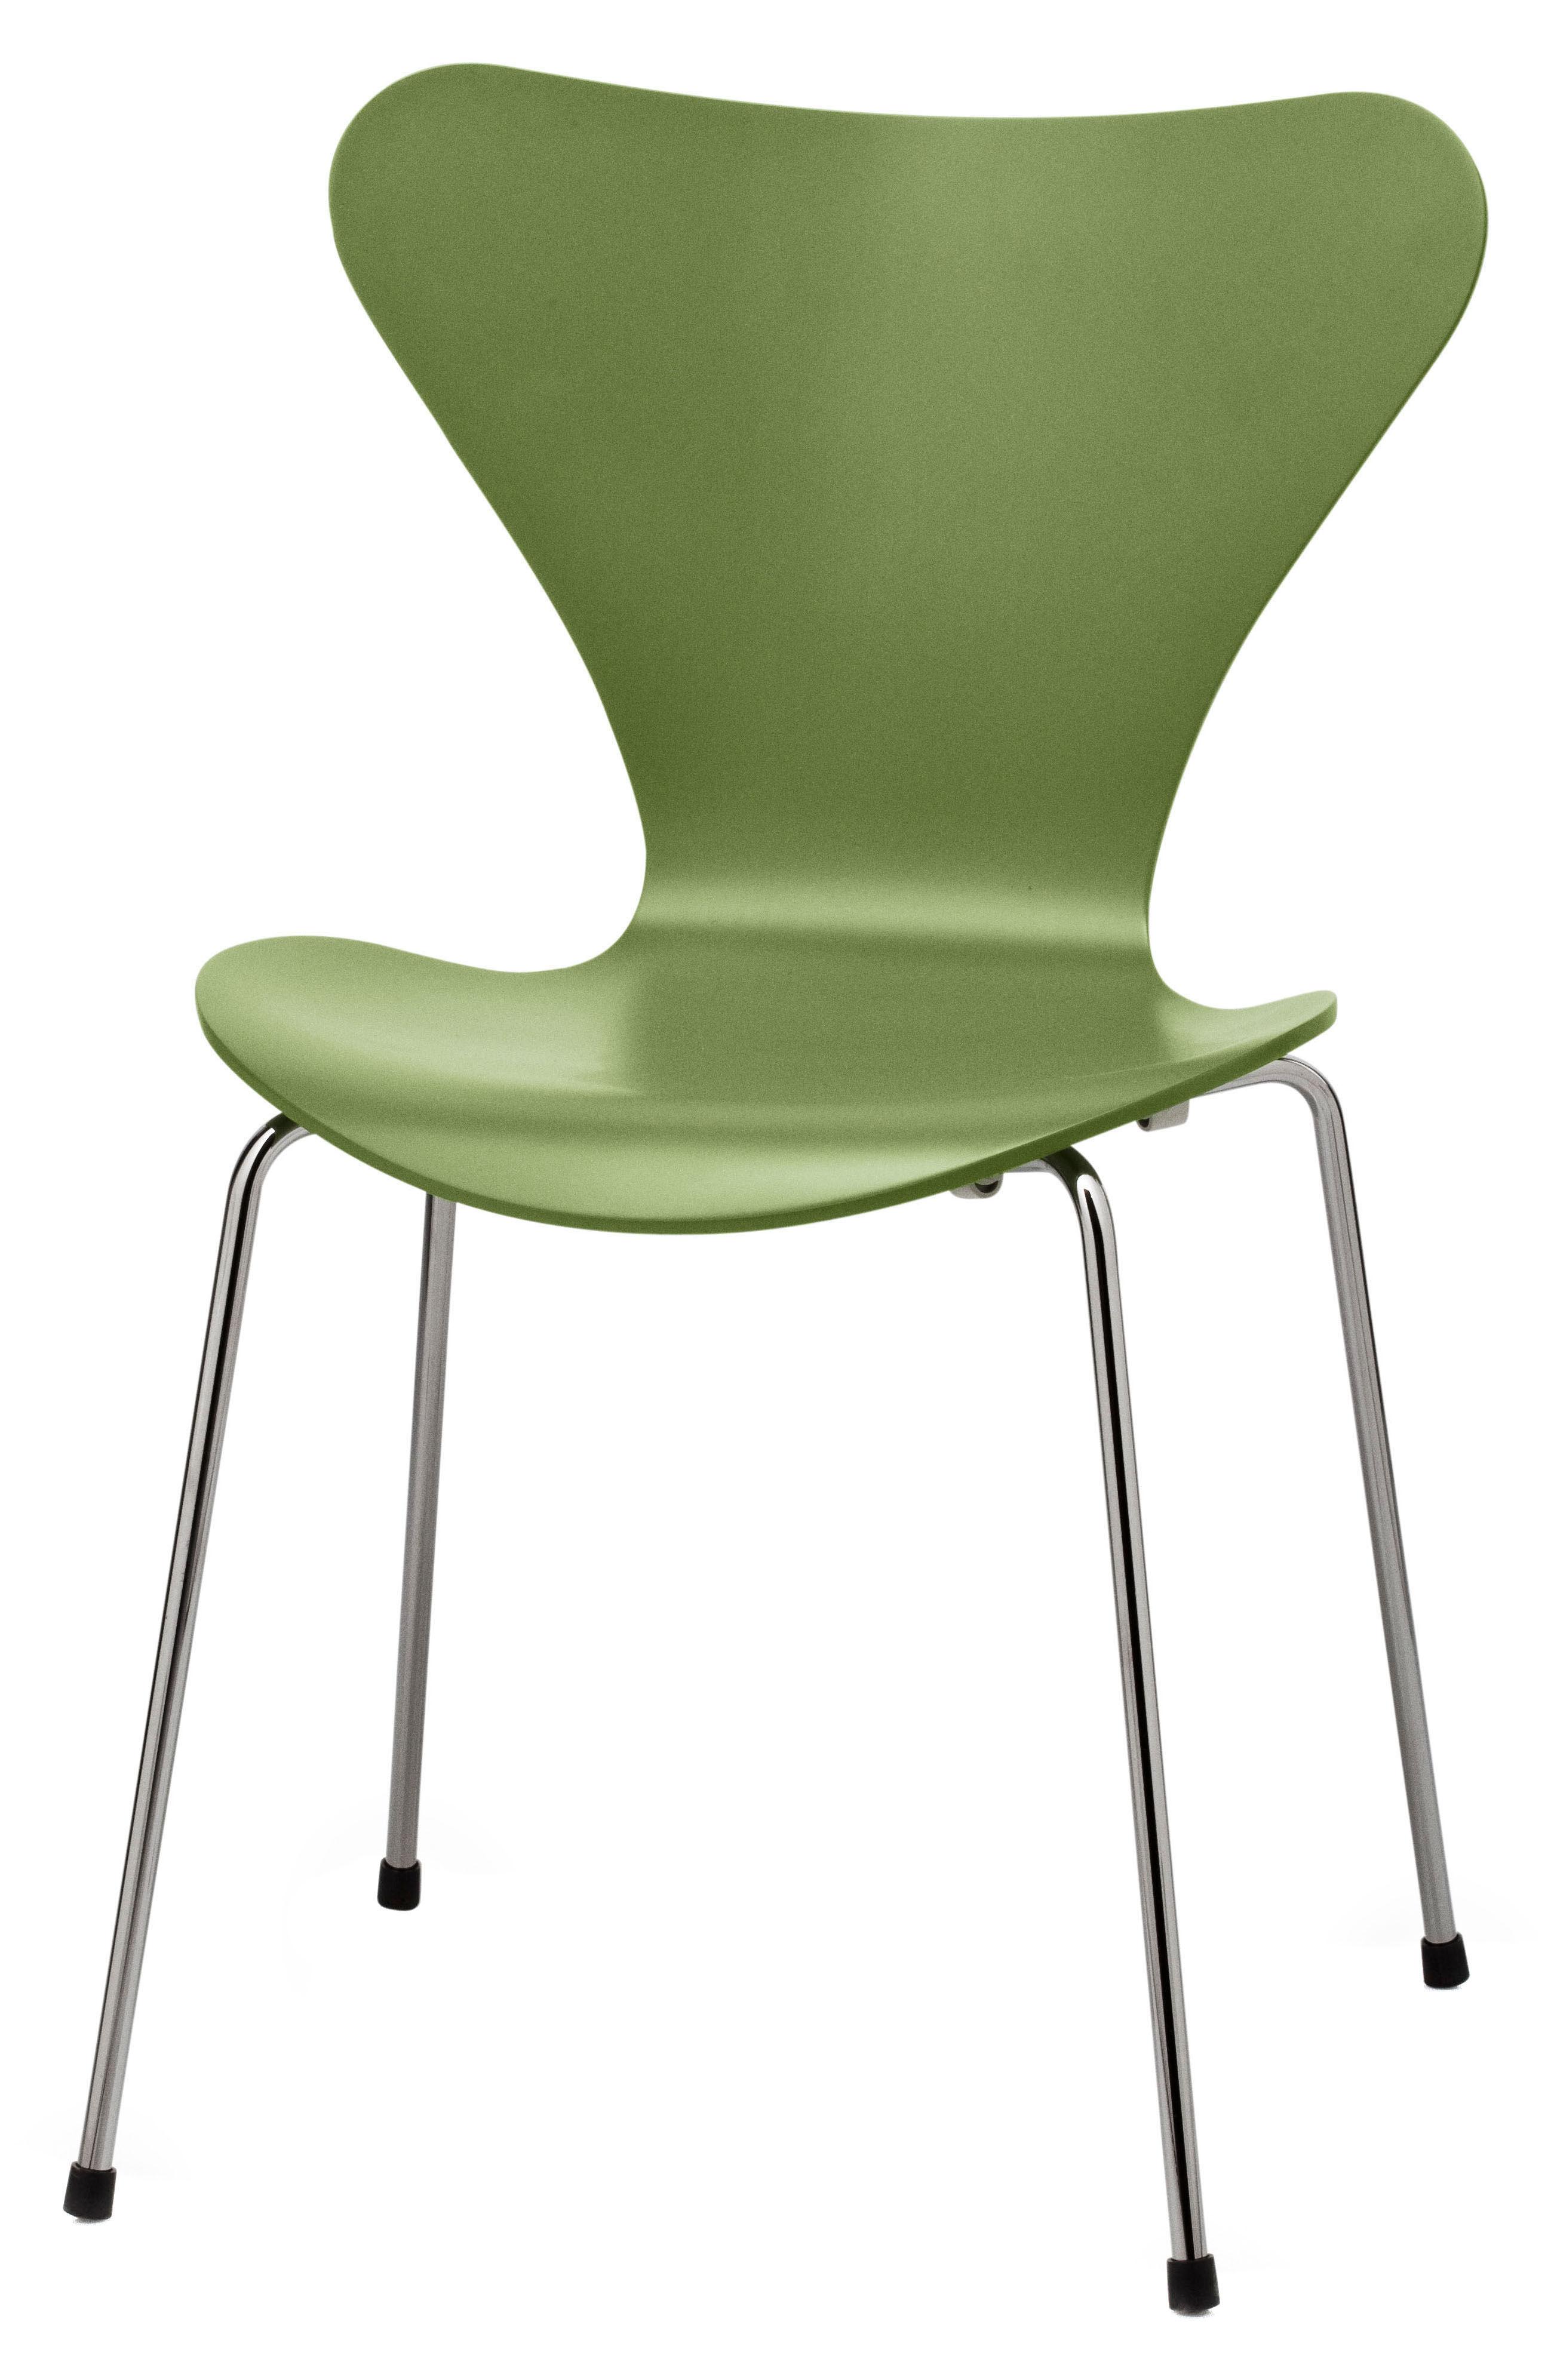 chaise empilable s rie 7 laqu e coloris exclusif vert gazon fritz hansen. Black Bedroom Furniture Sets. Home Design Ideas